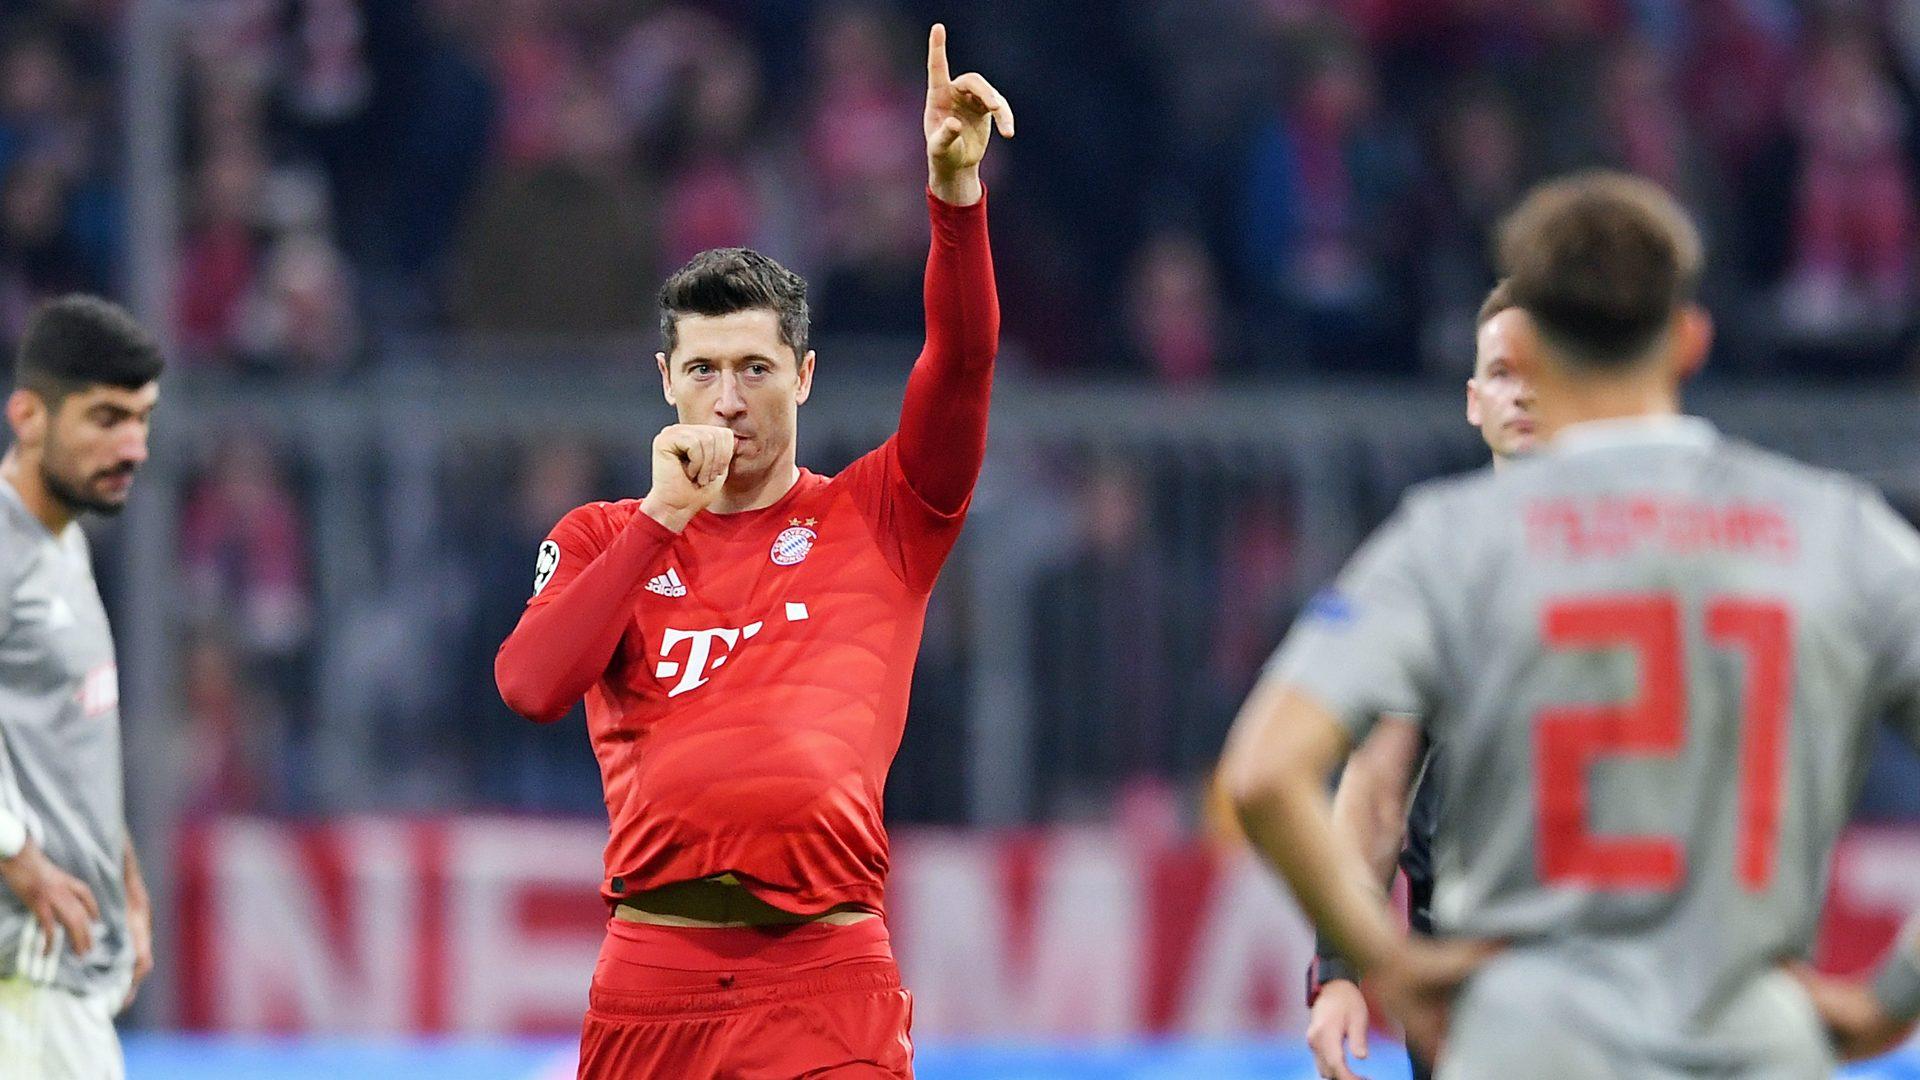 Lewandowski strikes again as Bayern reach Champions League last 16